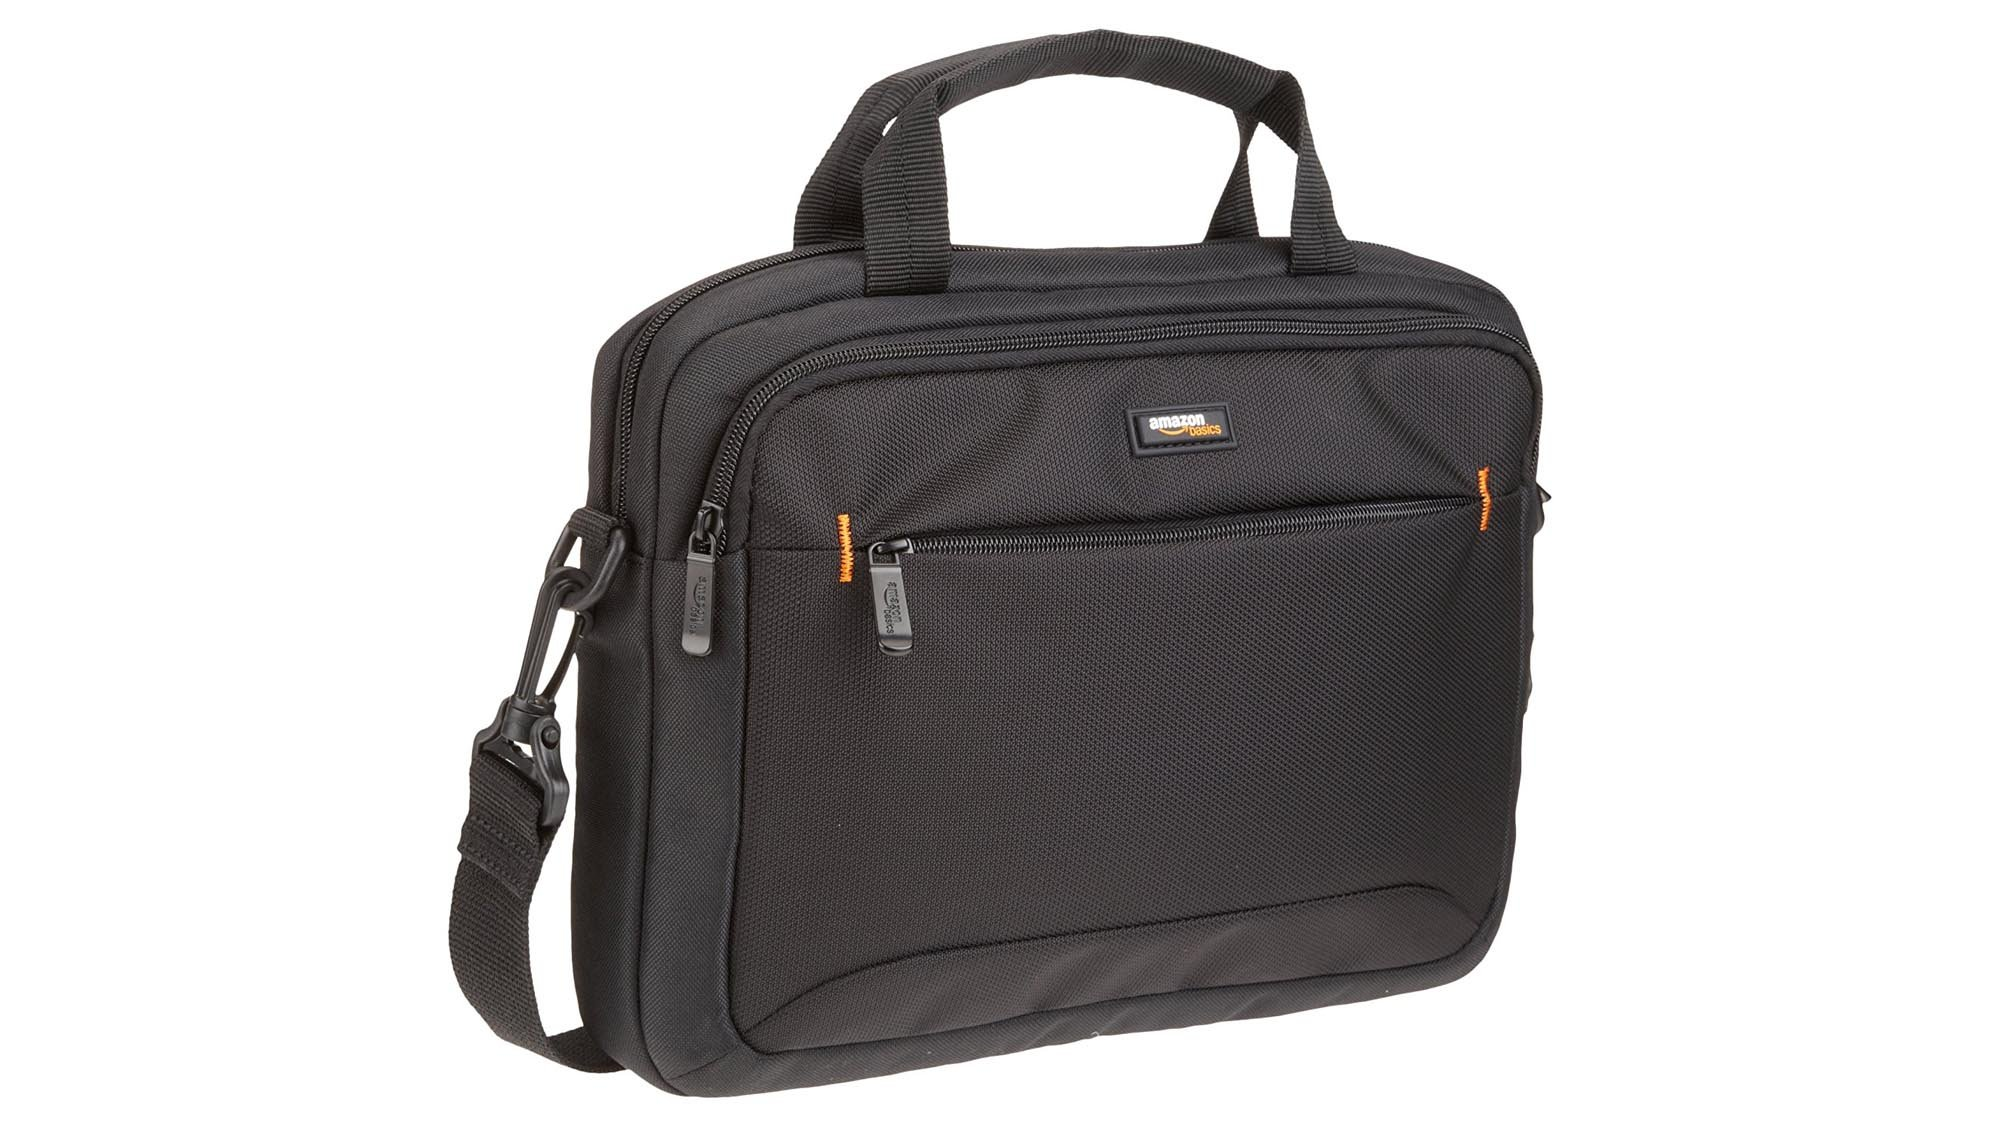 Best laptop bags 2017: The best laptop bags, sleeves, backpacks ...